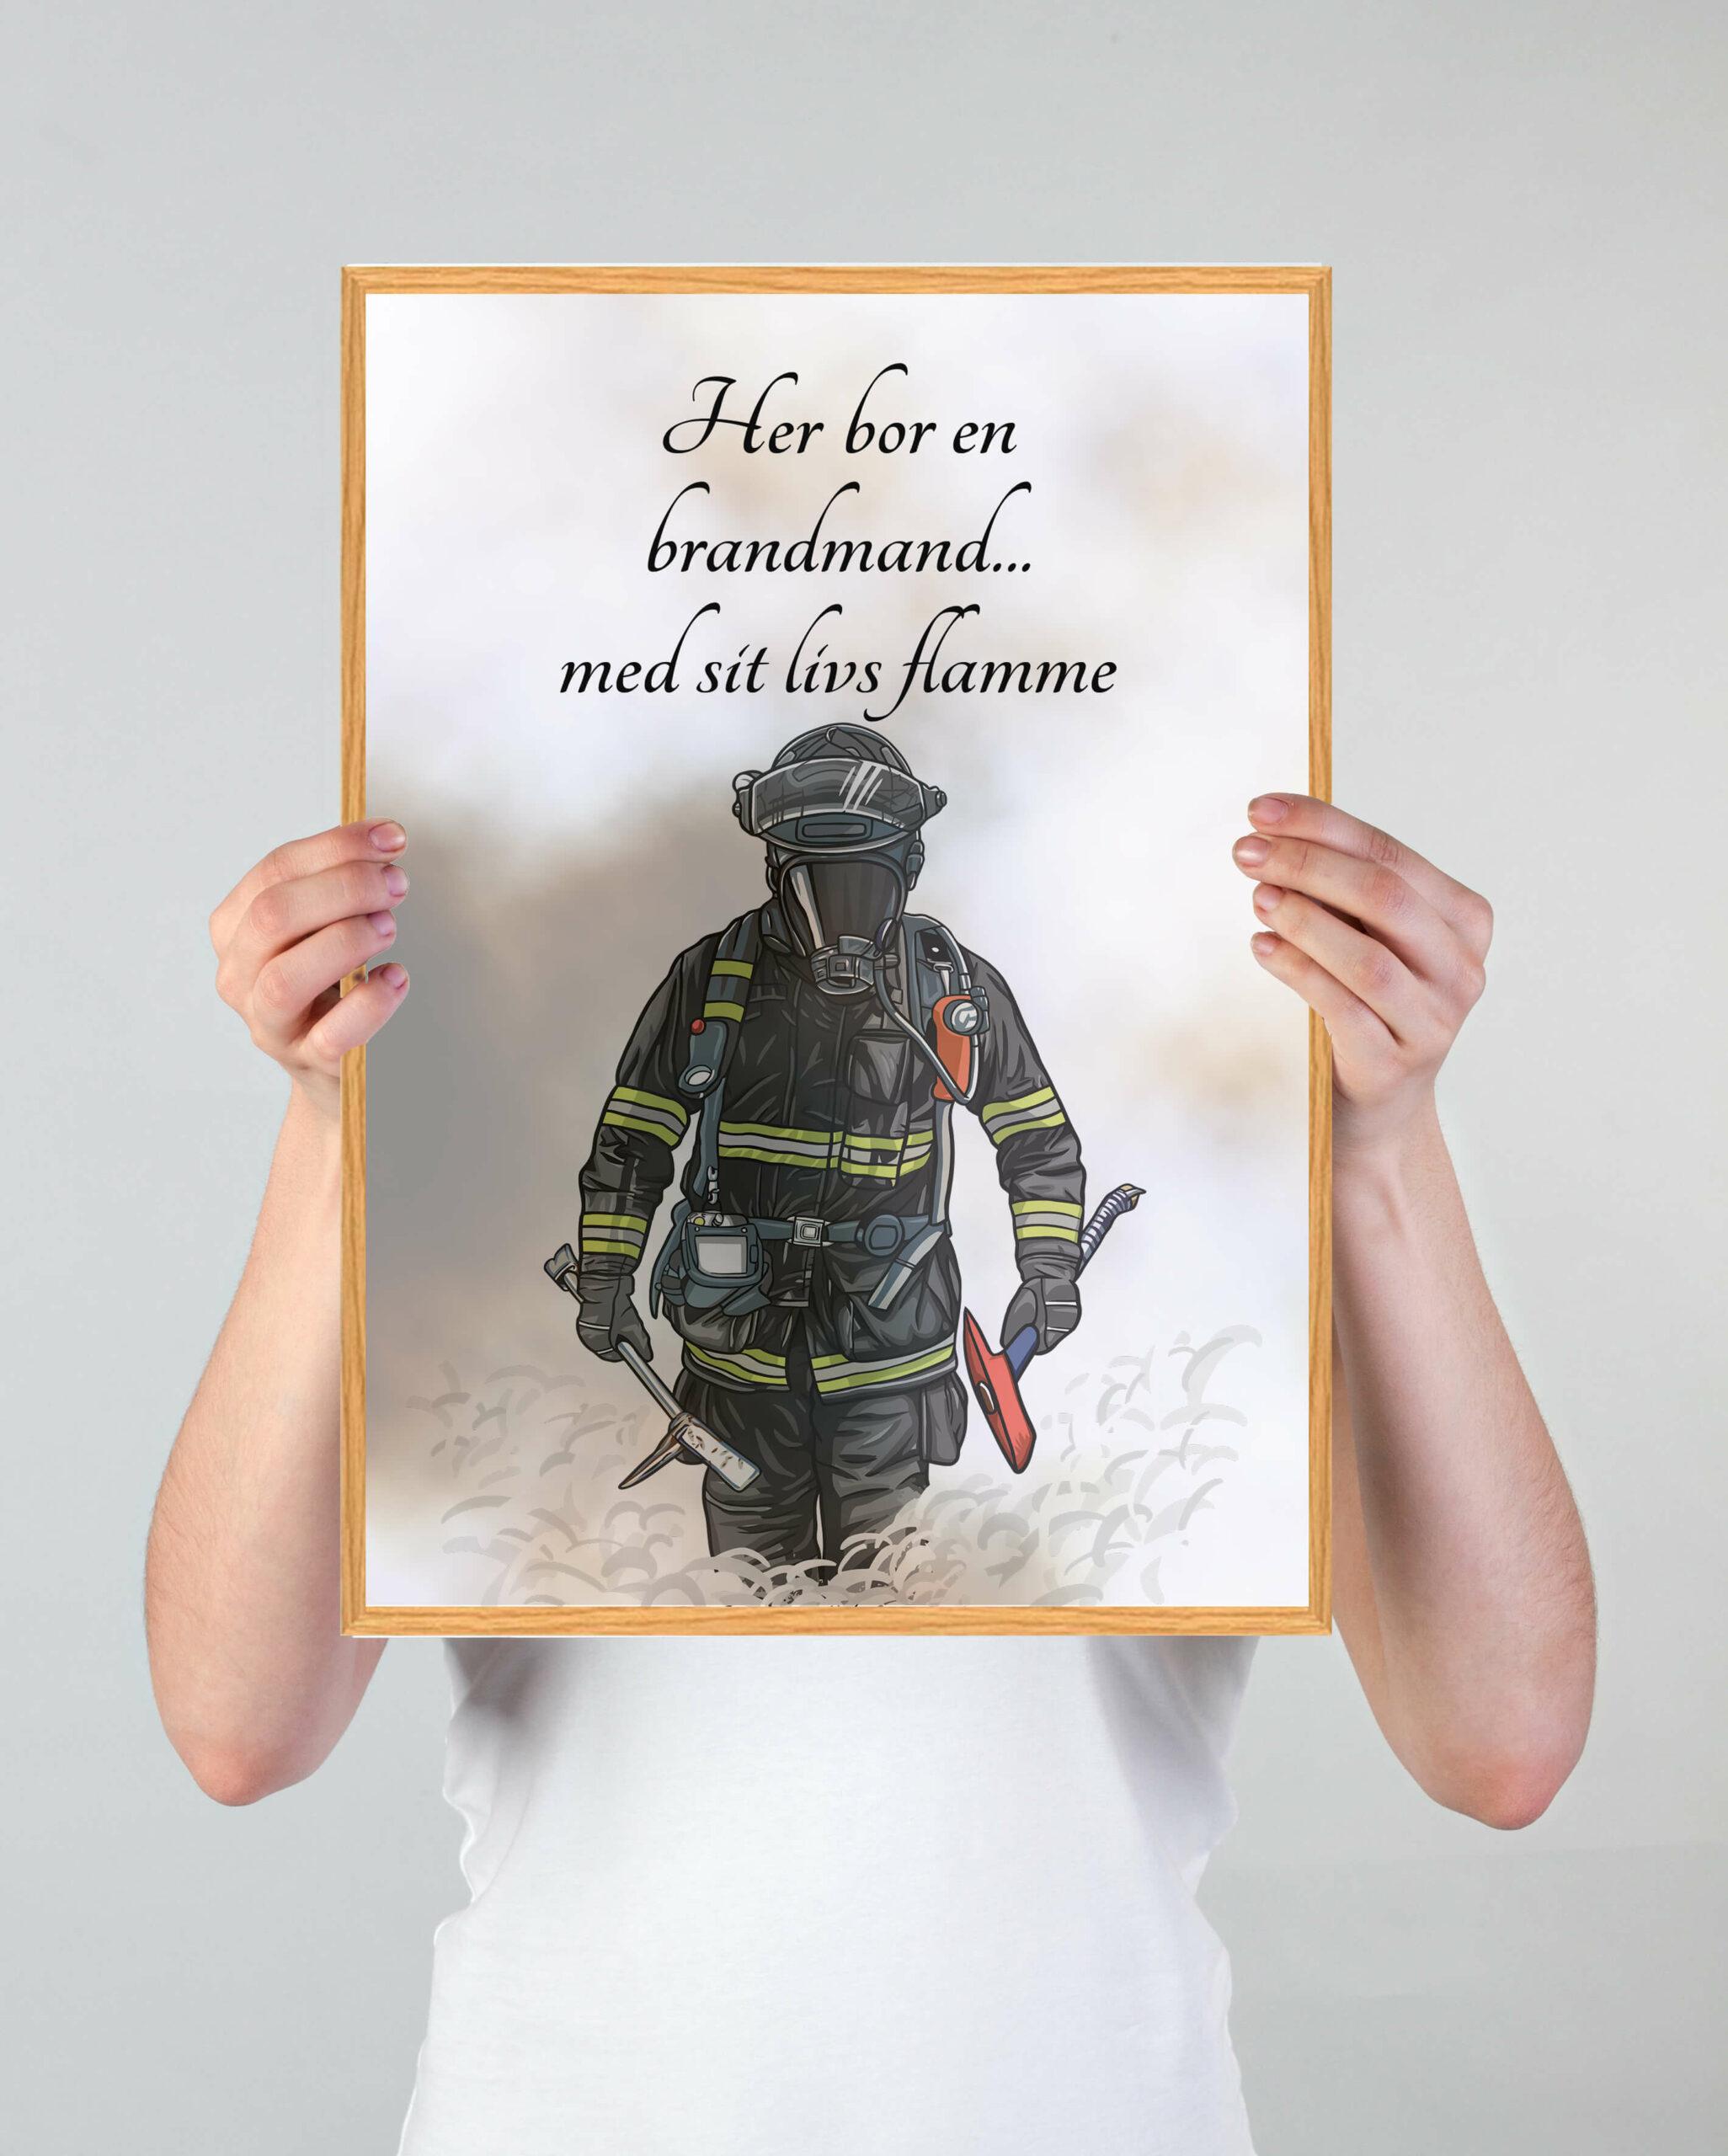 brandmand-moerk-plakat-3